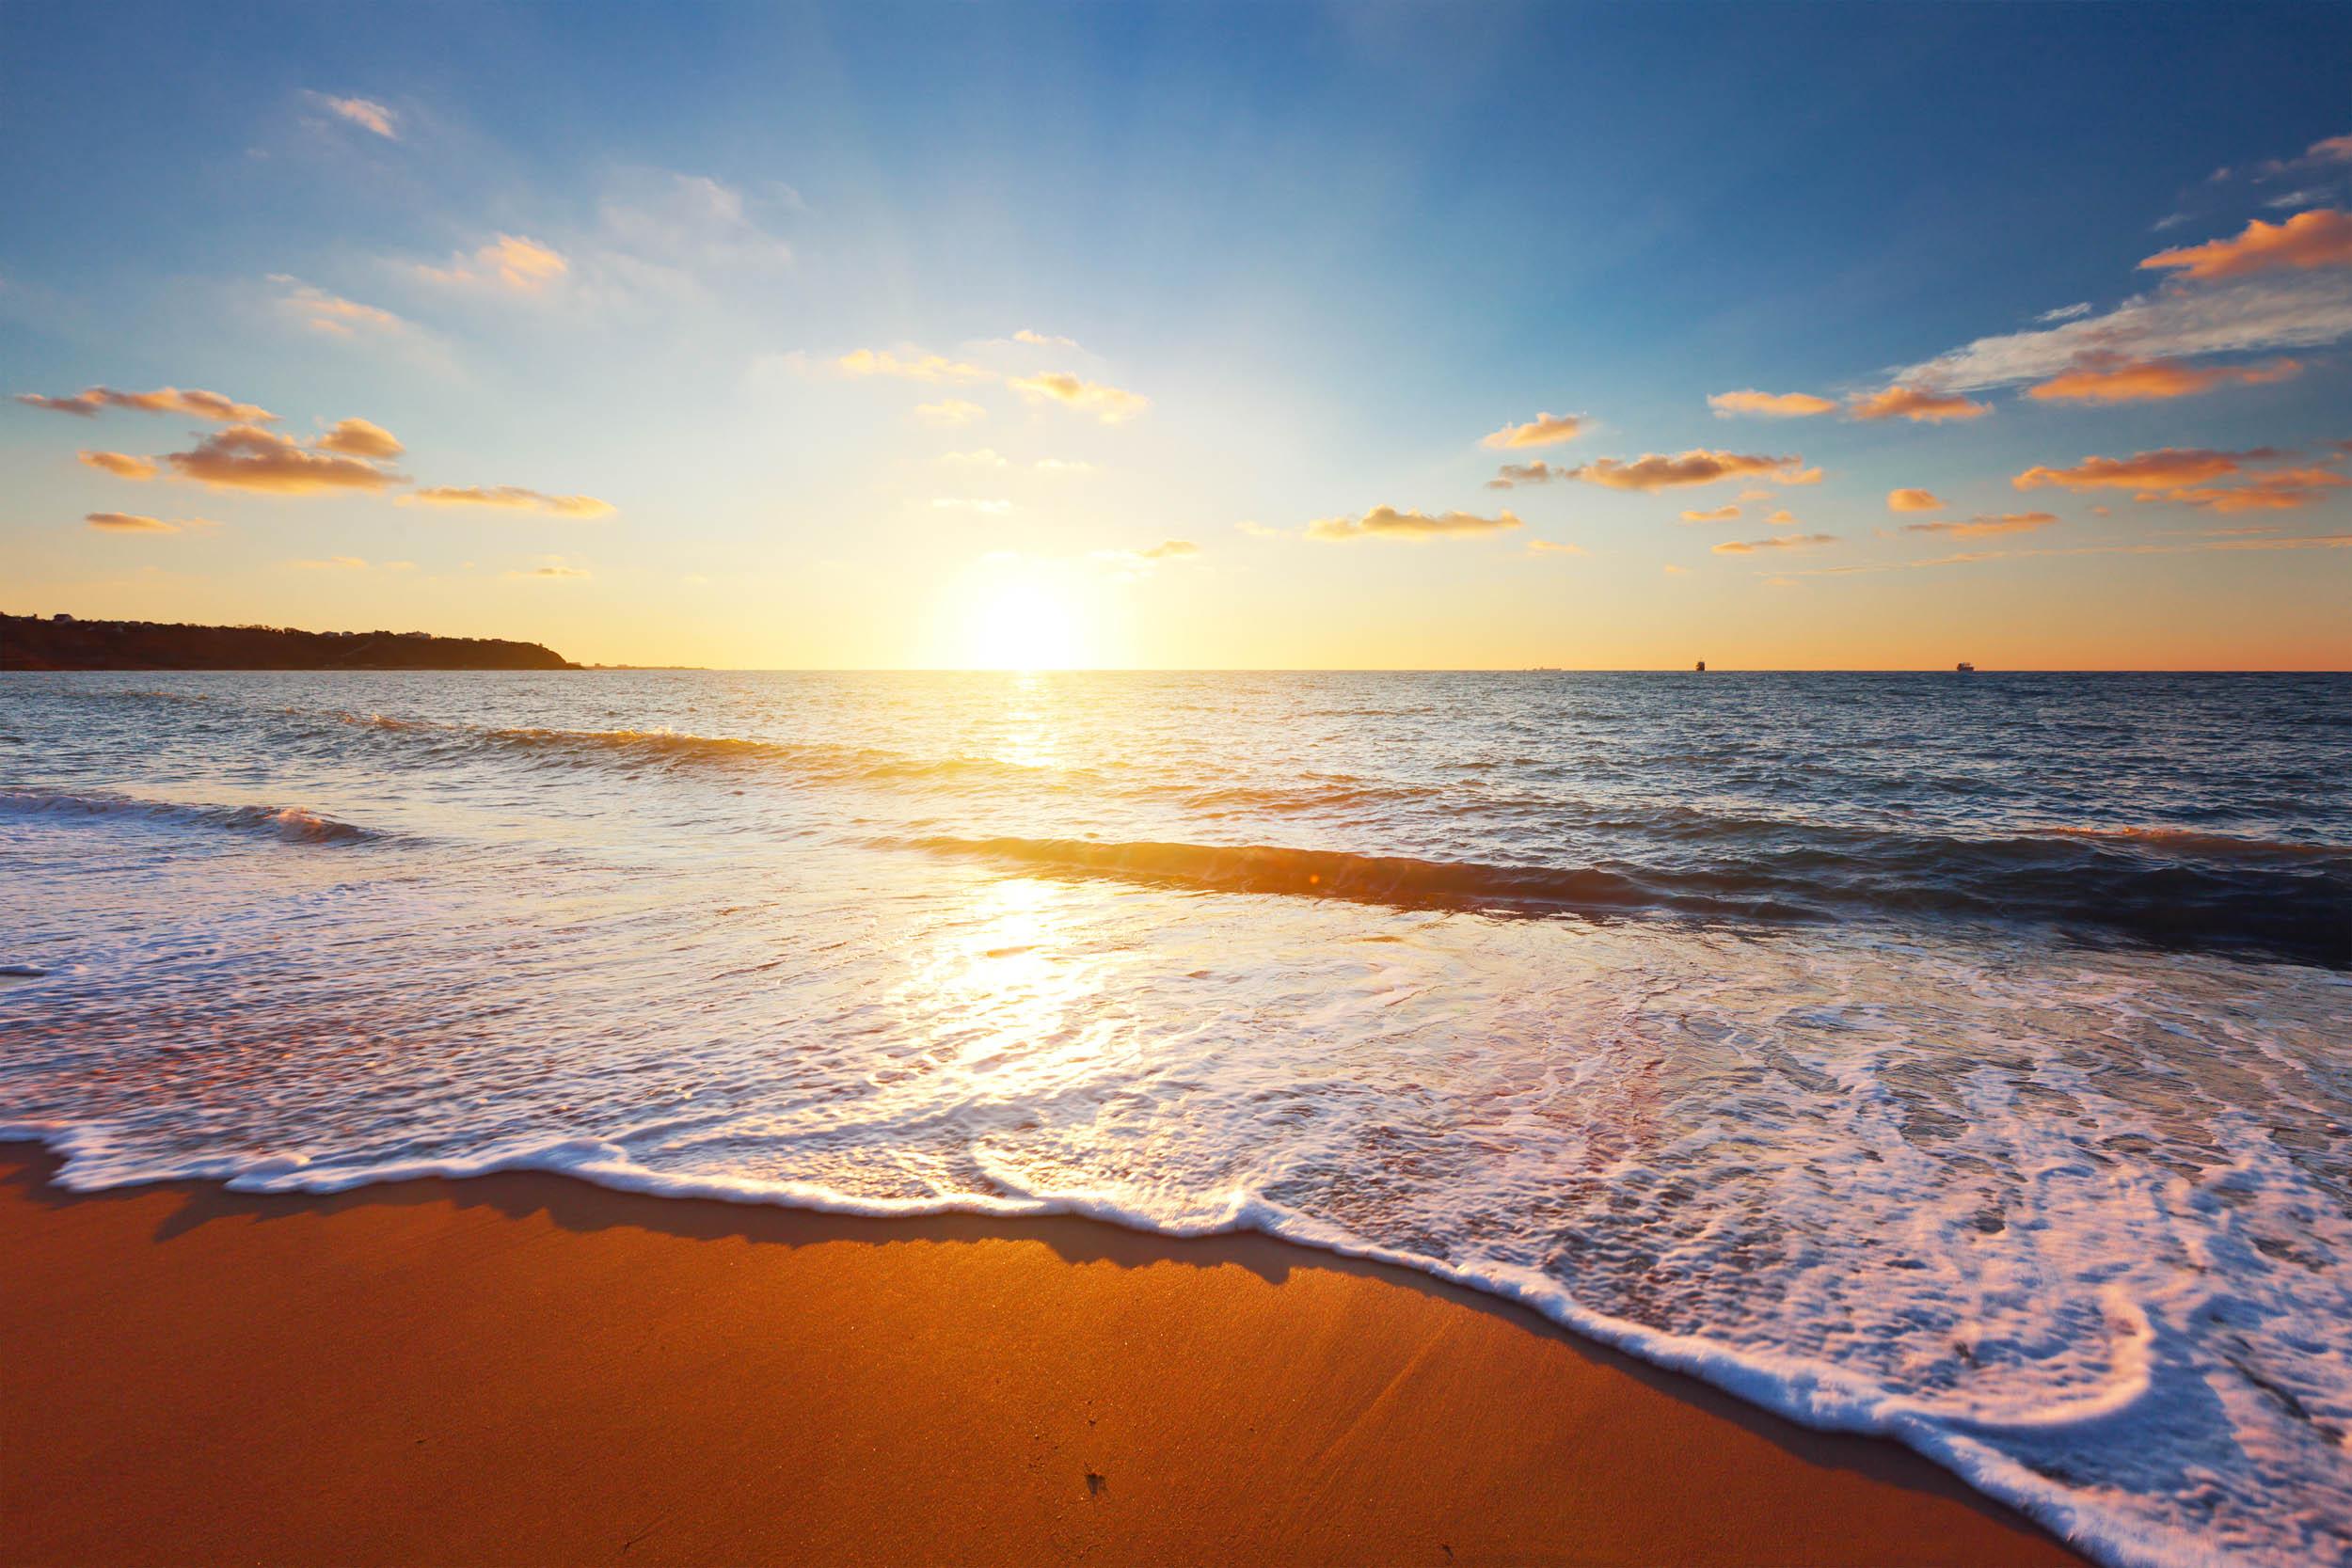 Global ocean warming